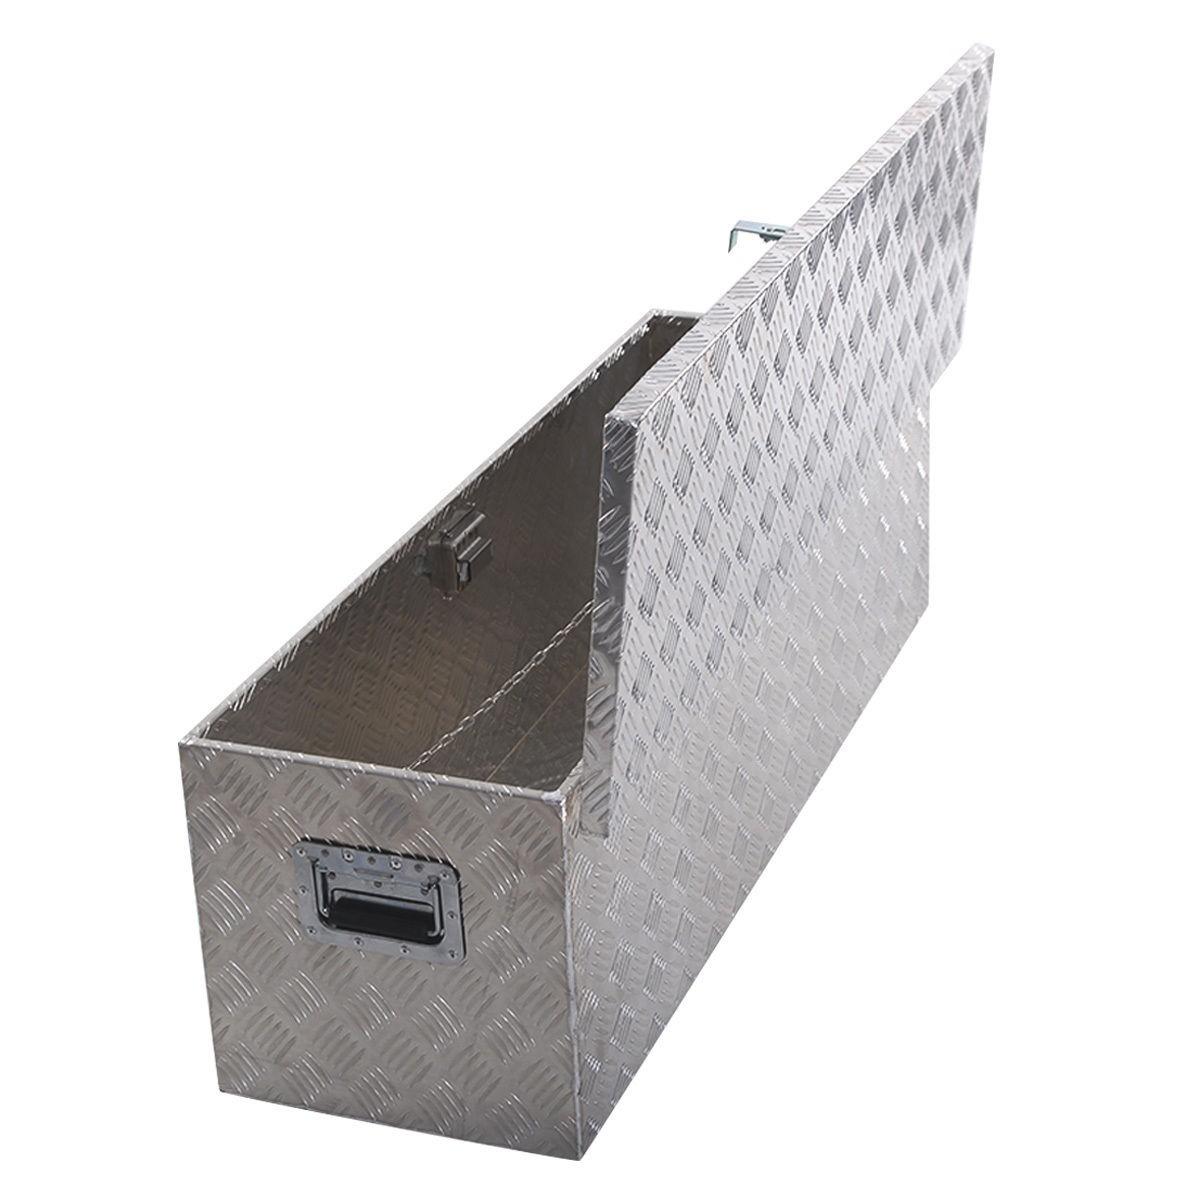 Creative Storage Auto Rv Storage Ideas Boat Storage Storage Boxes Truck Storage